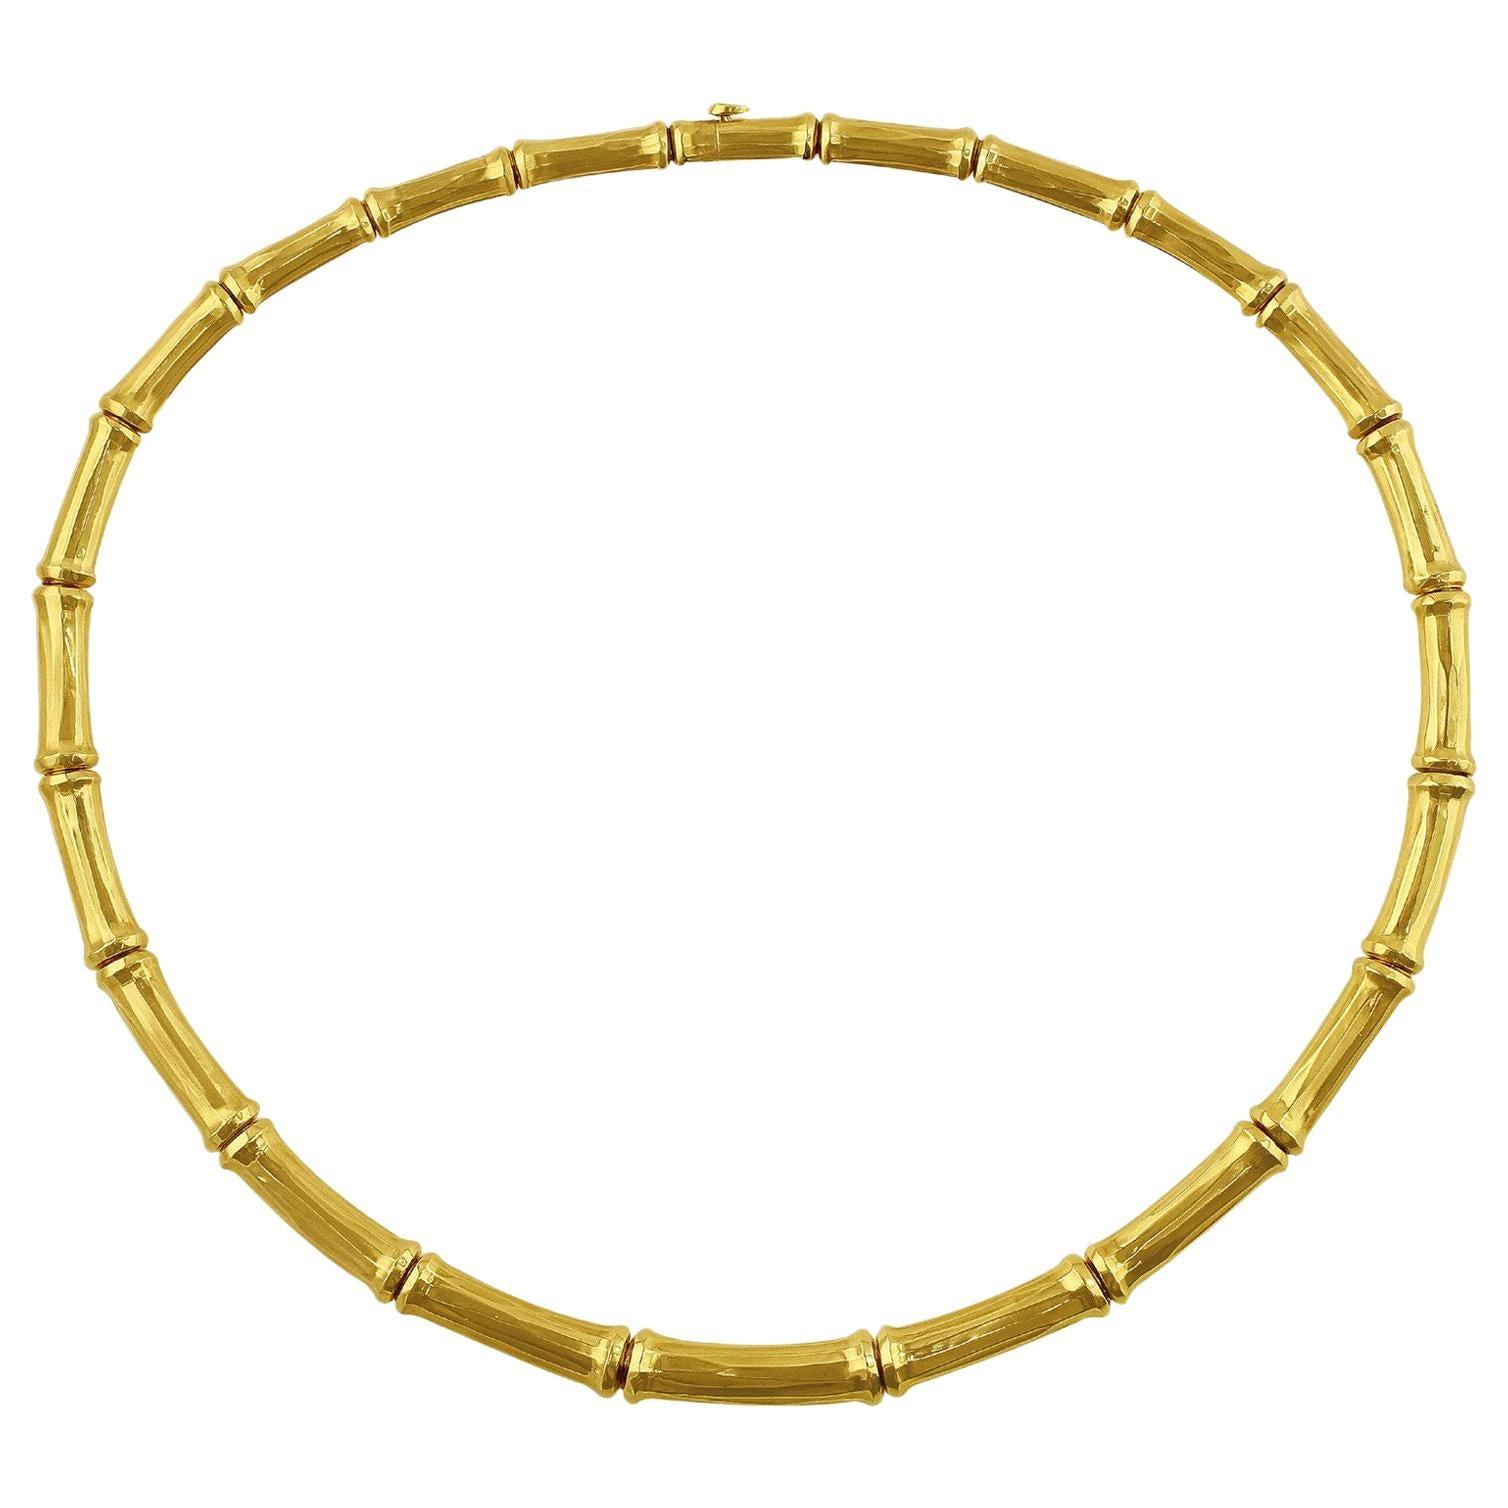 Cartier Bamboo 18 Karat Yellow Gold Necklace